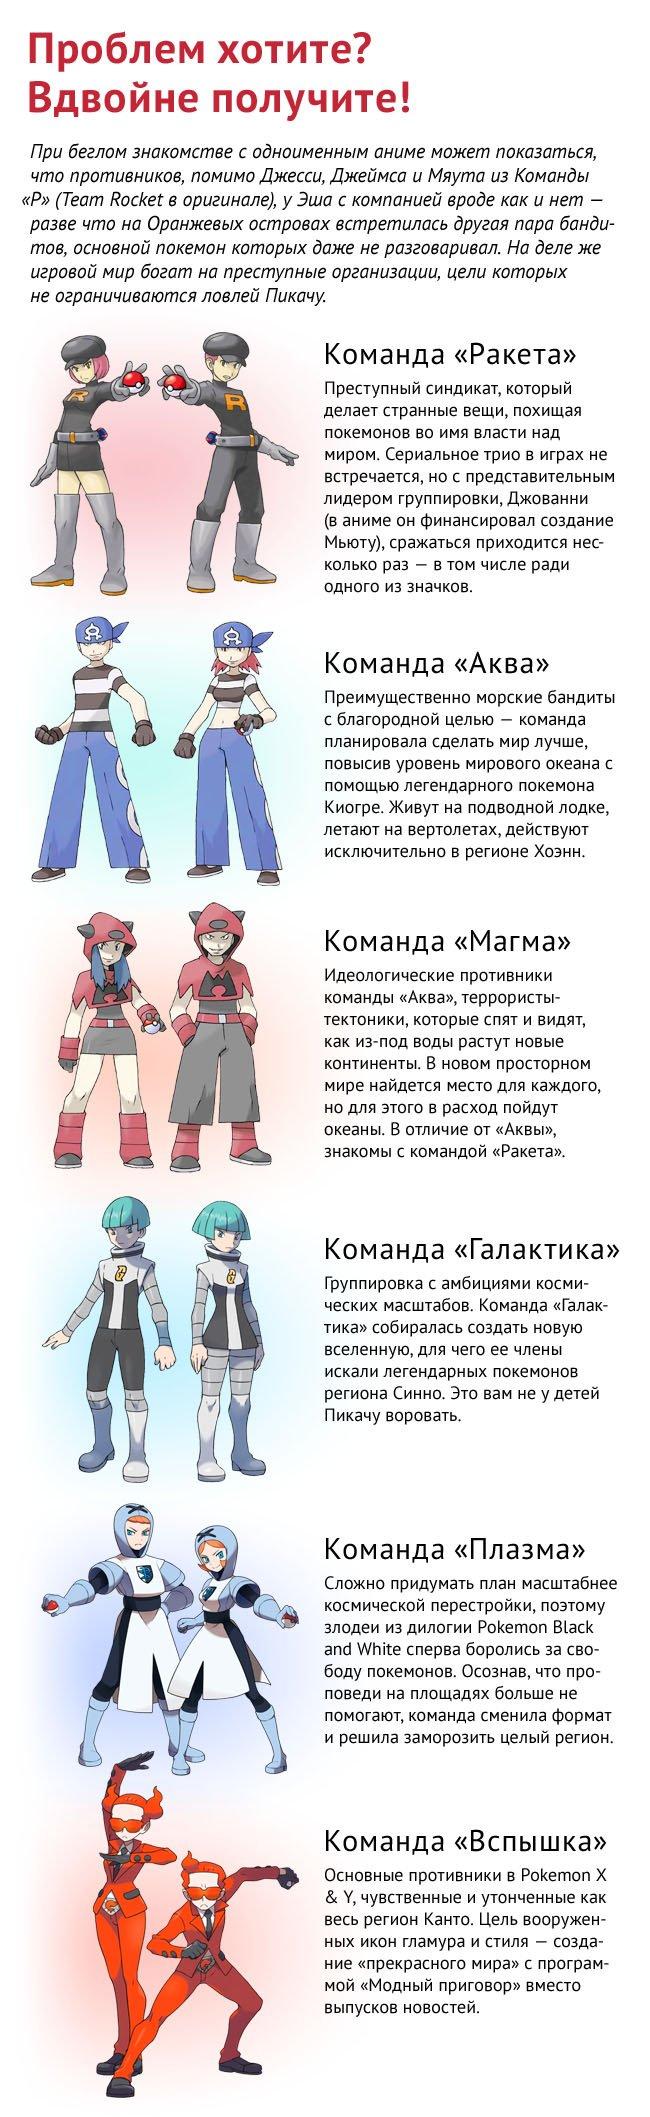 «Покемоны» как вселенная и как бизнес - Изображение 3